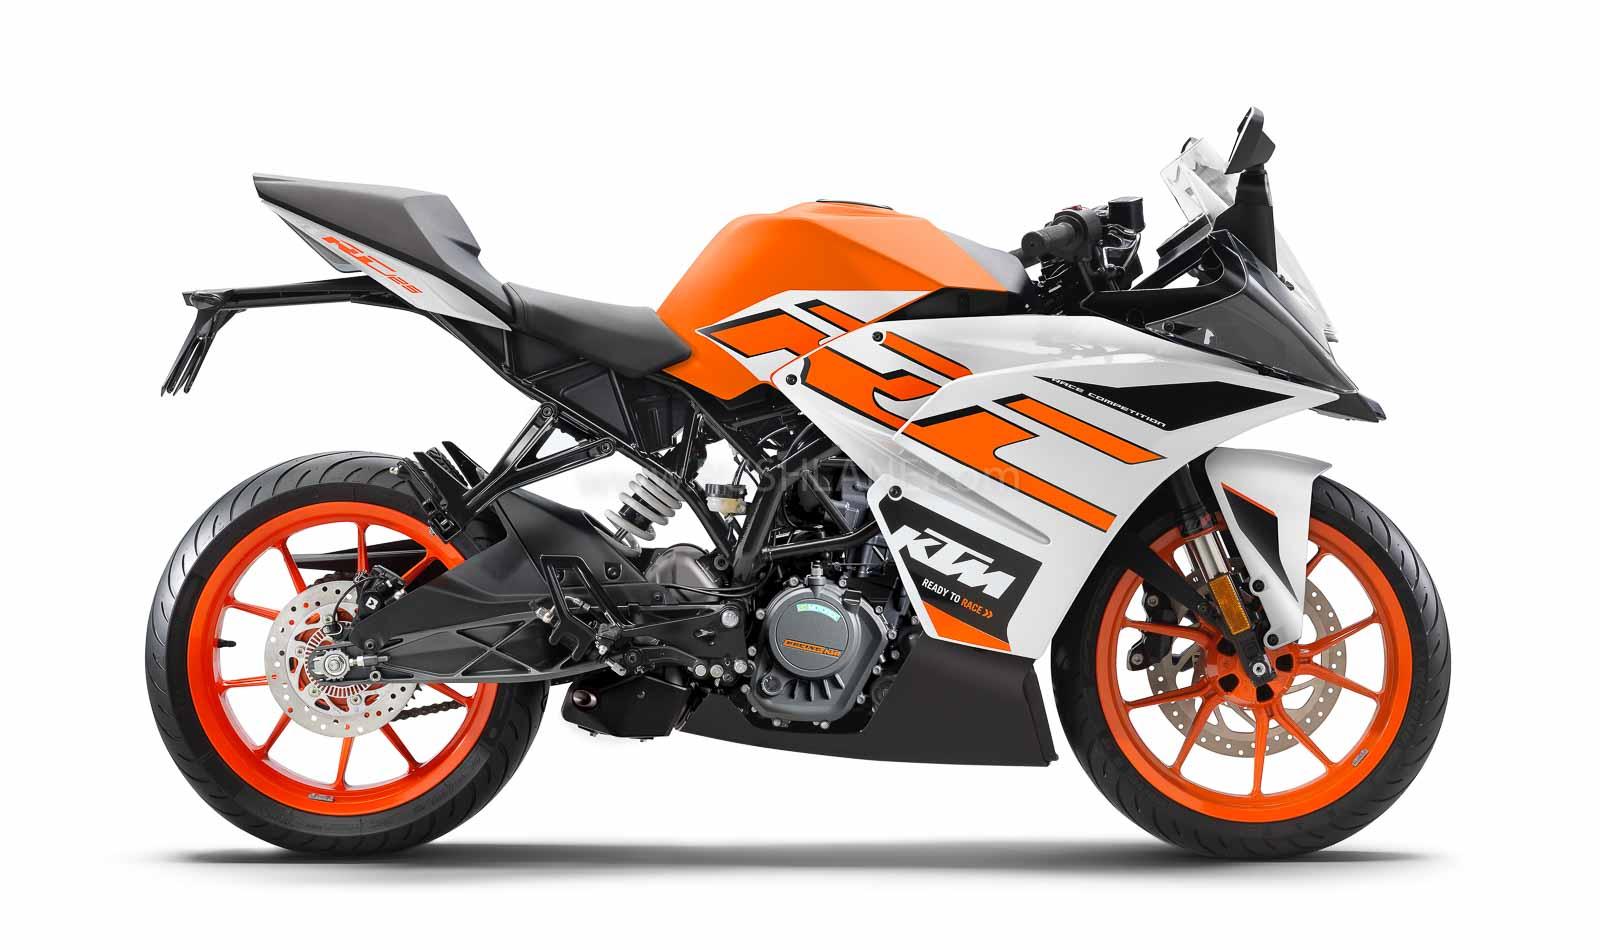 2020 KTM RC 125